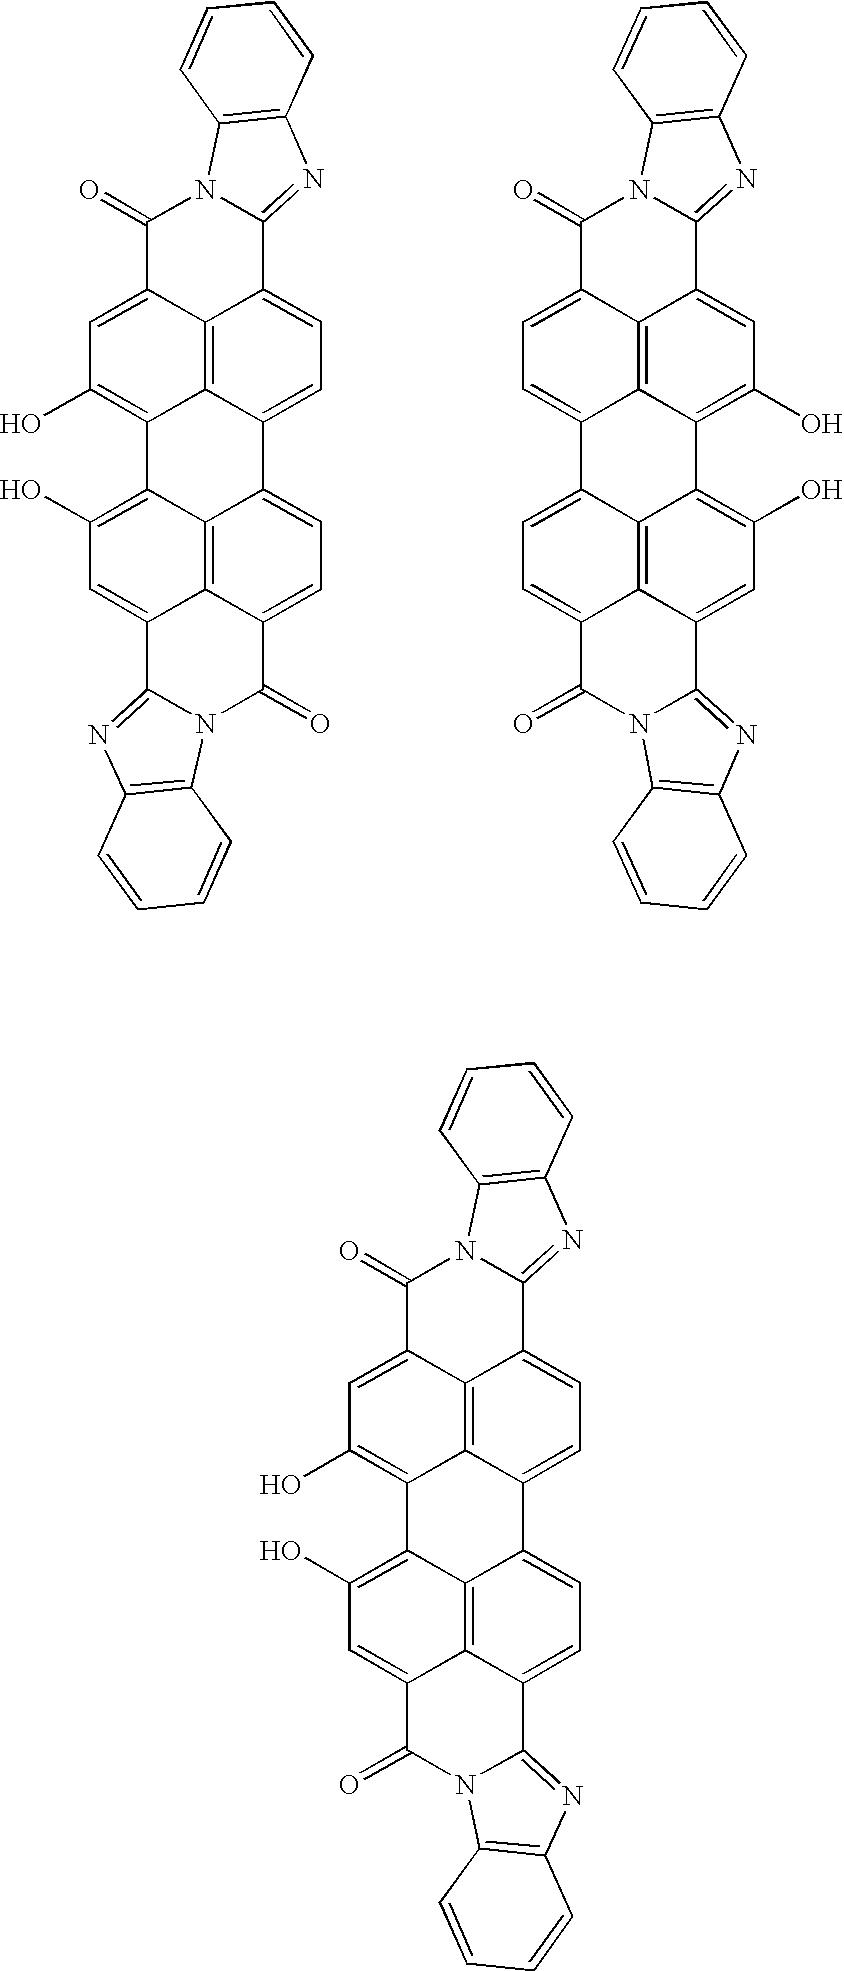 Figure US07025900-20060411-C00026